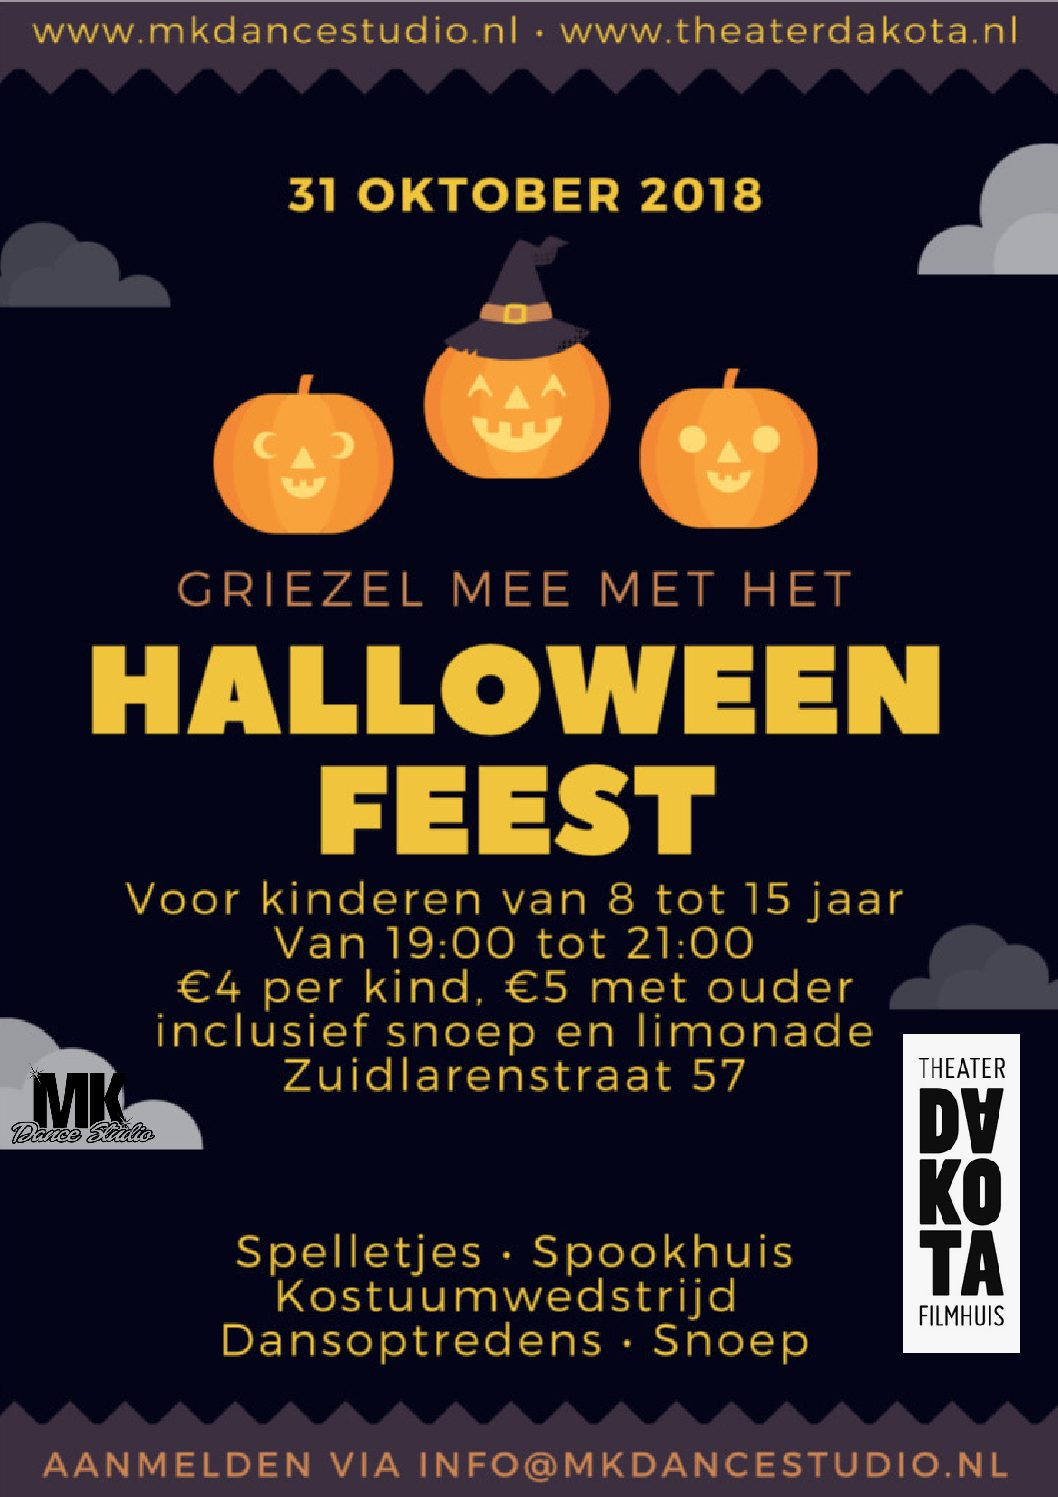 31 Oktober Halloween Feest.Aanmelden Halloween Feest Gestart Mk Dancestudio